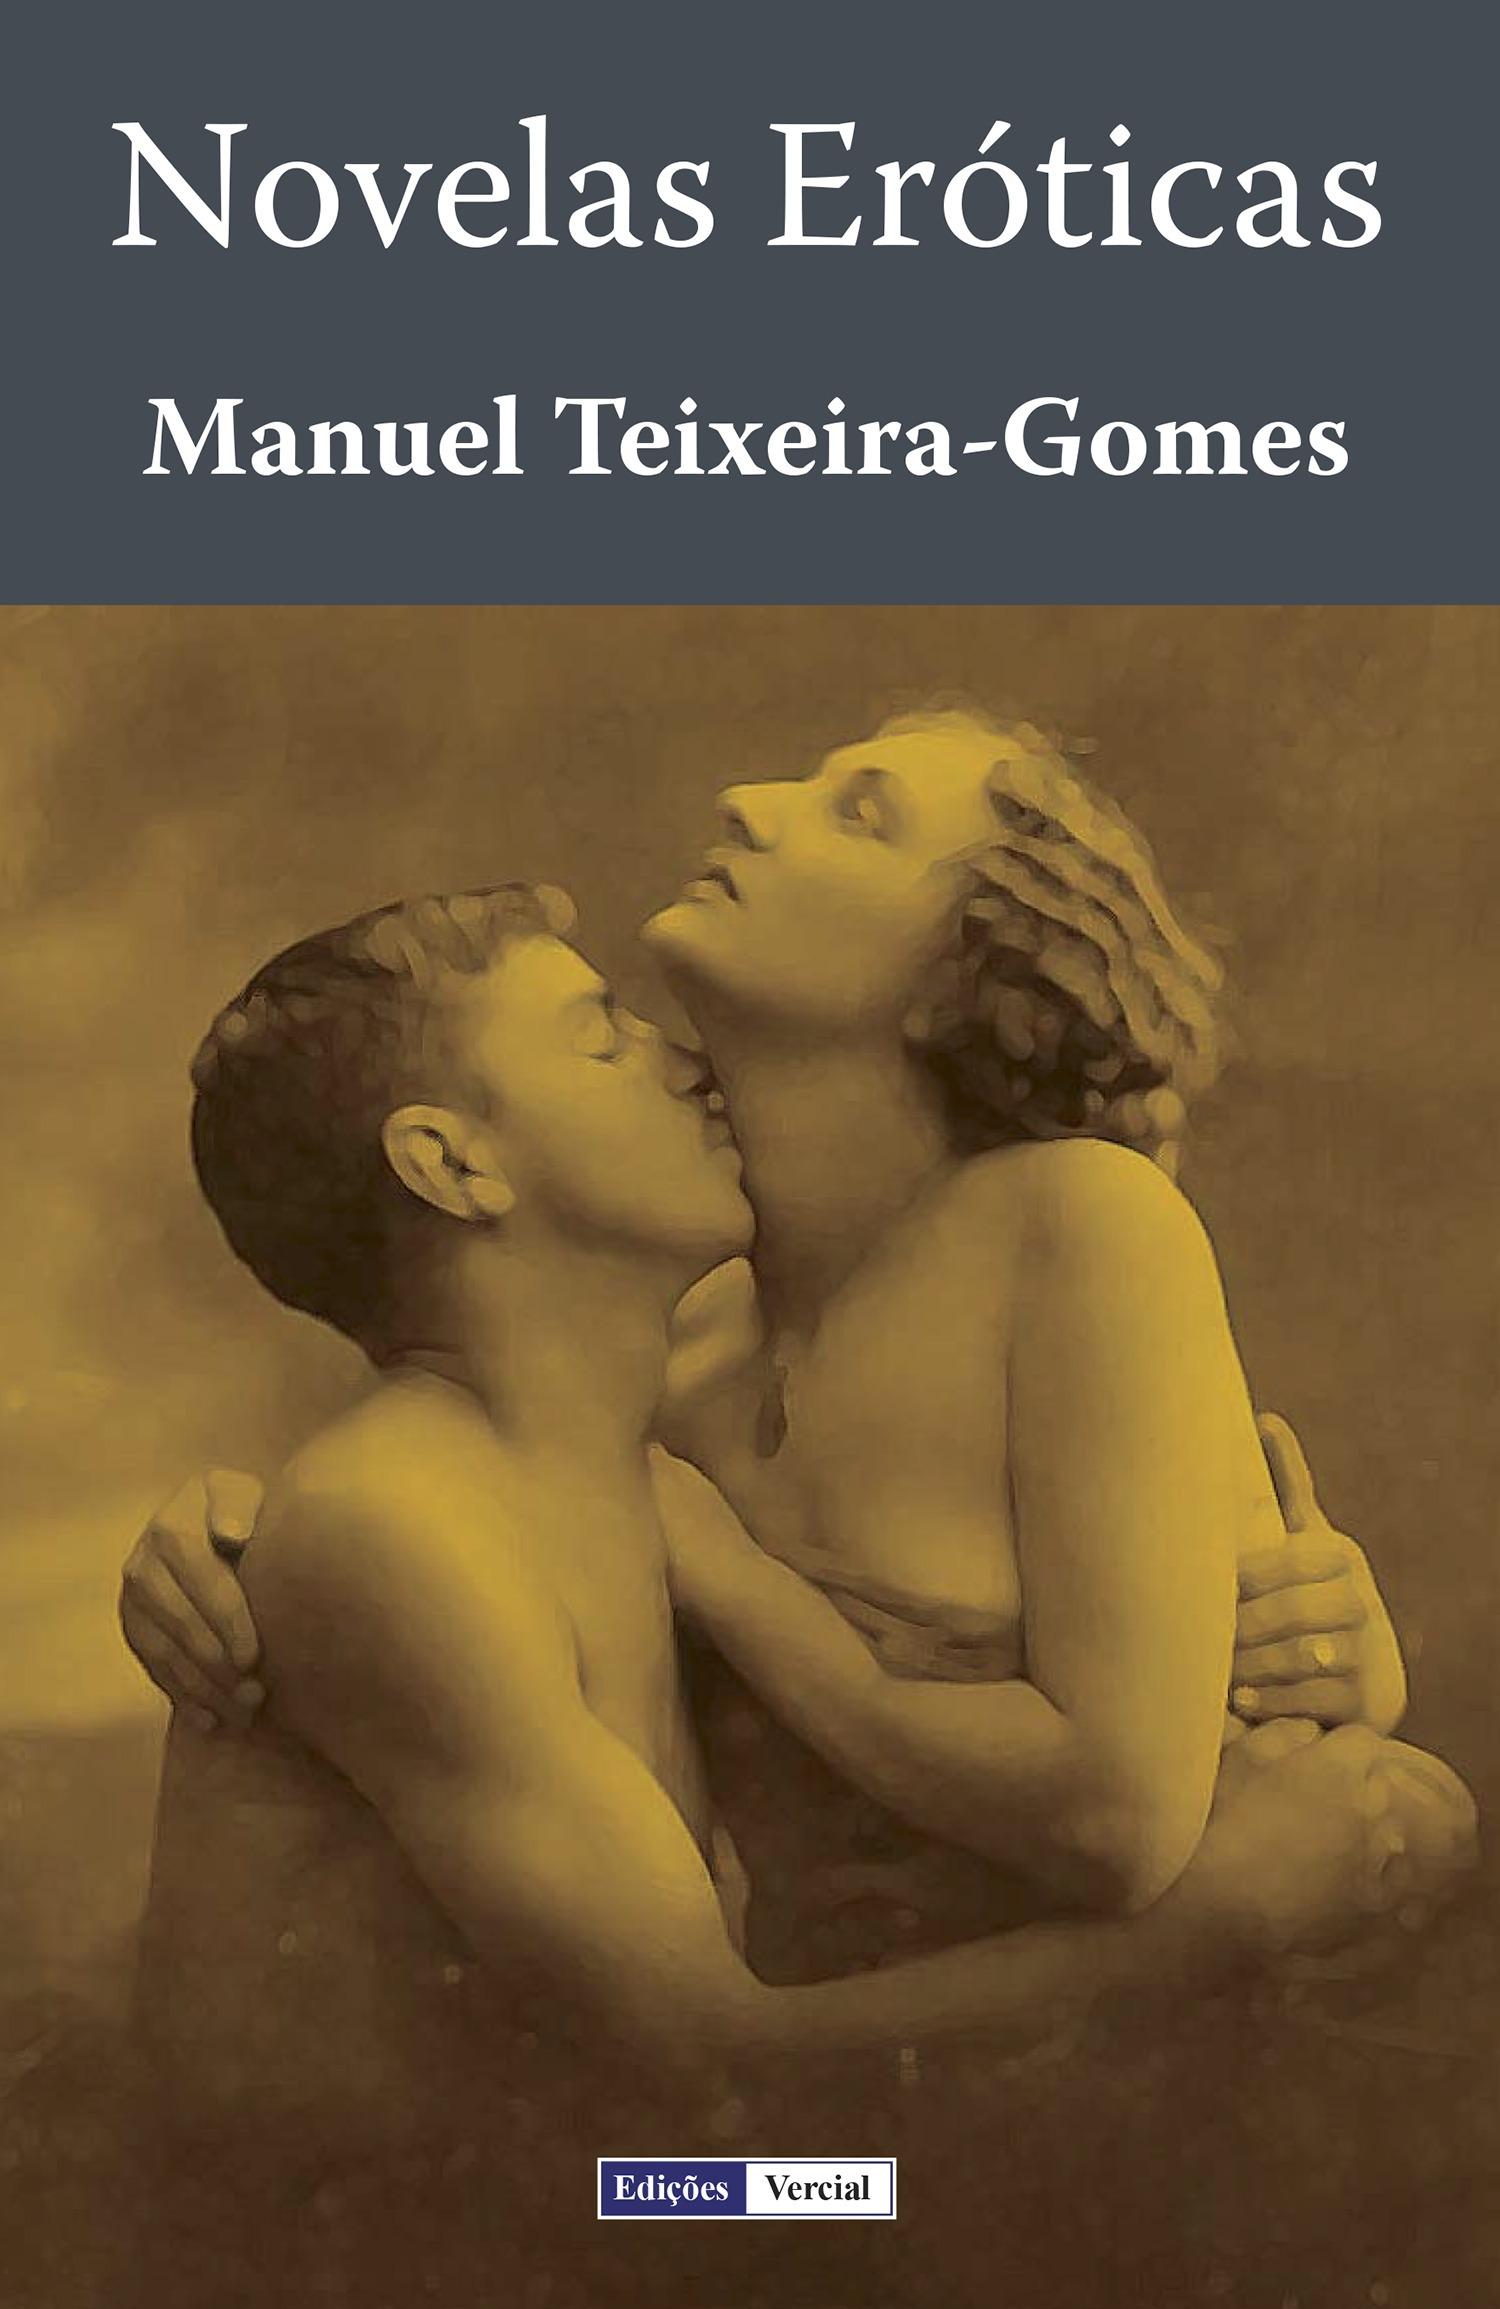 novelas eróticas